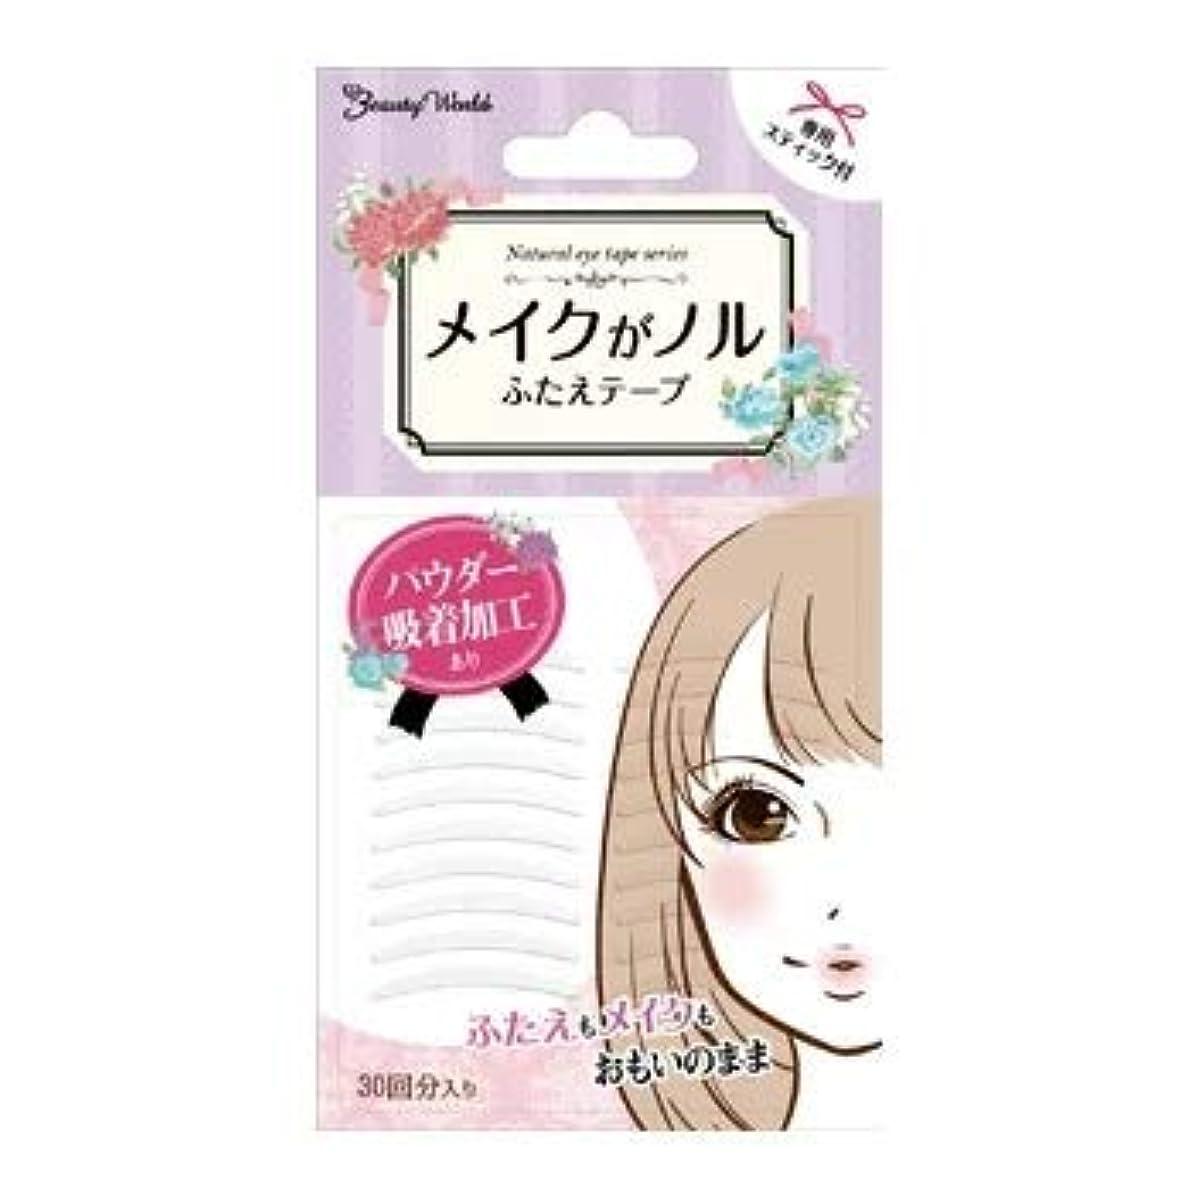 ジョイントルーフ再集計ふたえ用テープ(透明) ENT241 30回分 スティック付き 日本製 メイク 化粧 アイメイク 目 ぱっちり 二重 ふたえ 変身 クリア 自然 素肌 フィット 初心者 簡単 かわいい 女子 女の子